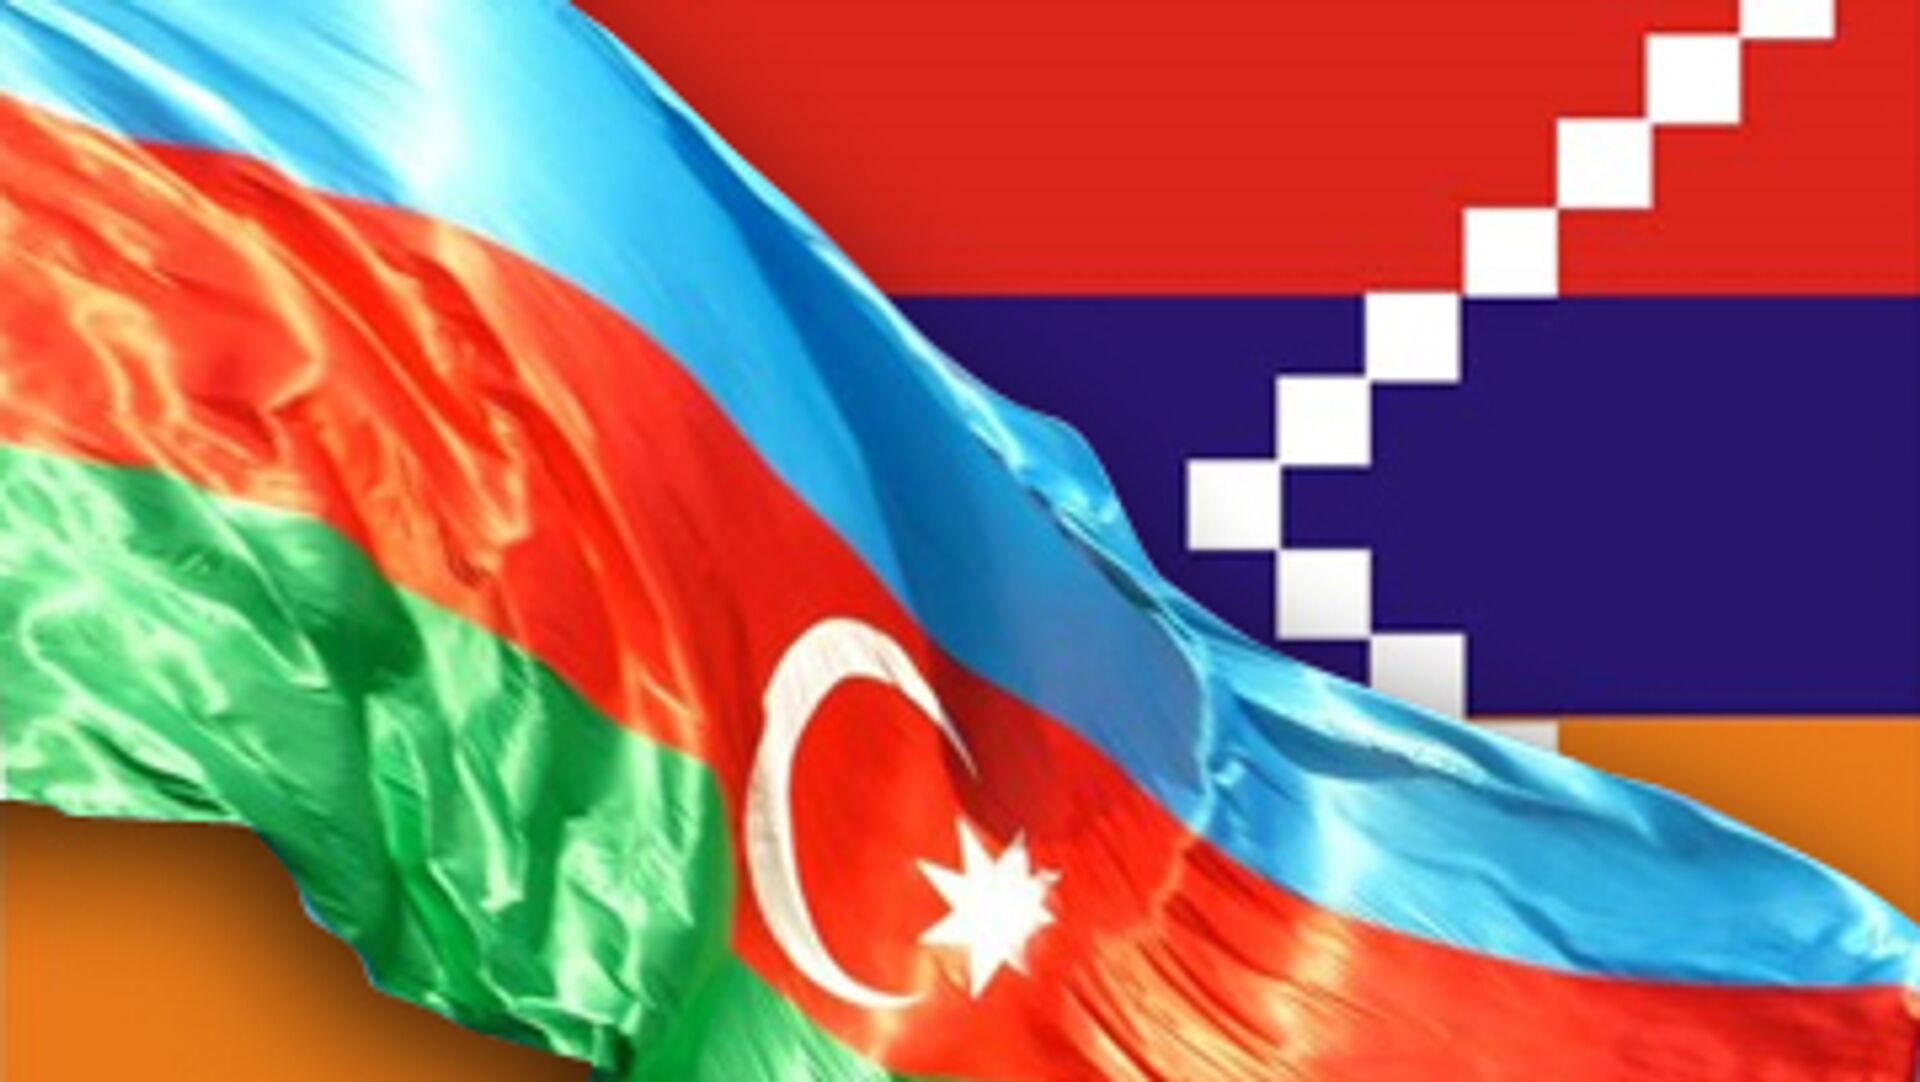 Флаги Азербайджана и Нагорного Карабаха - РИА Новости, 1920, 03.10.2020